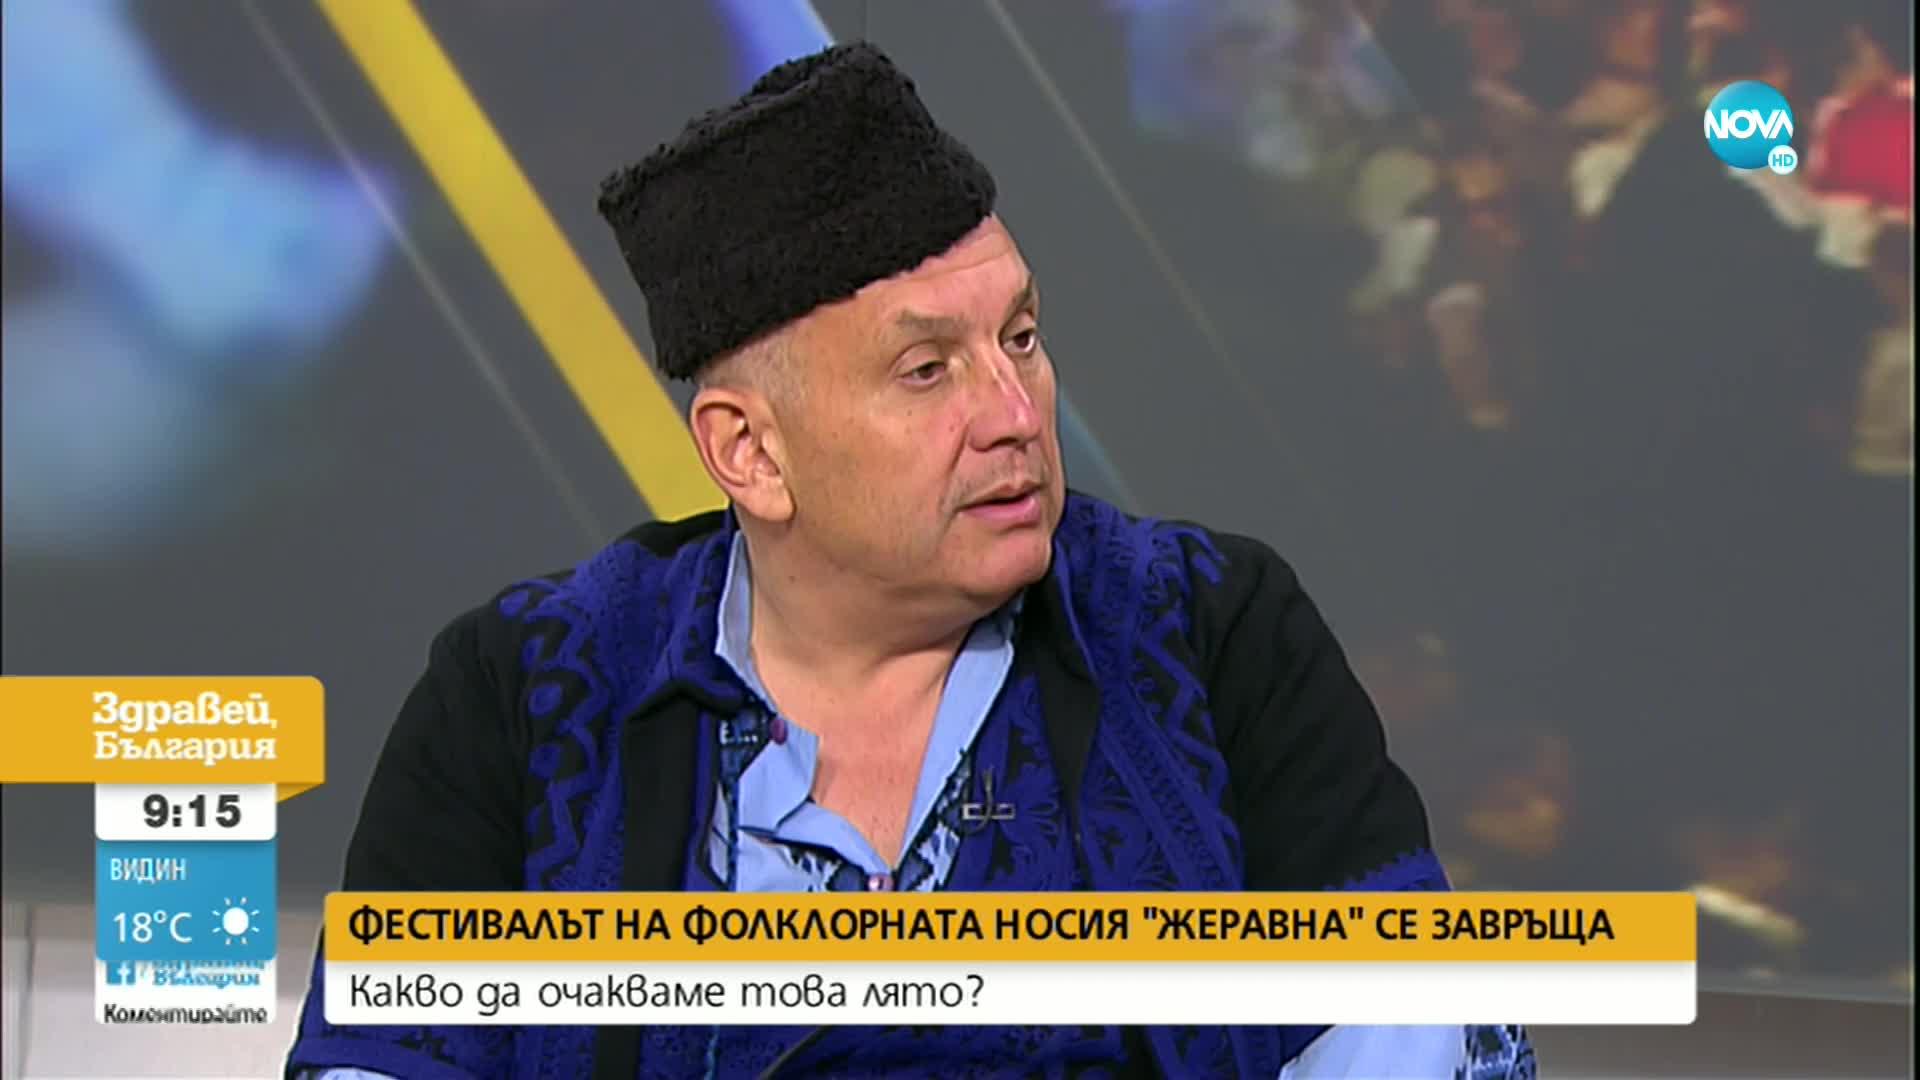 """Фестивалът """"Жеравна"""" се завръща"""